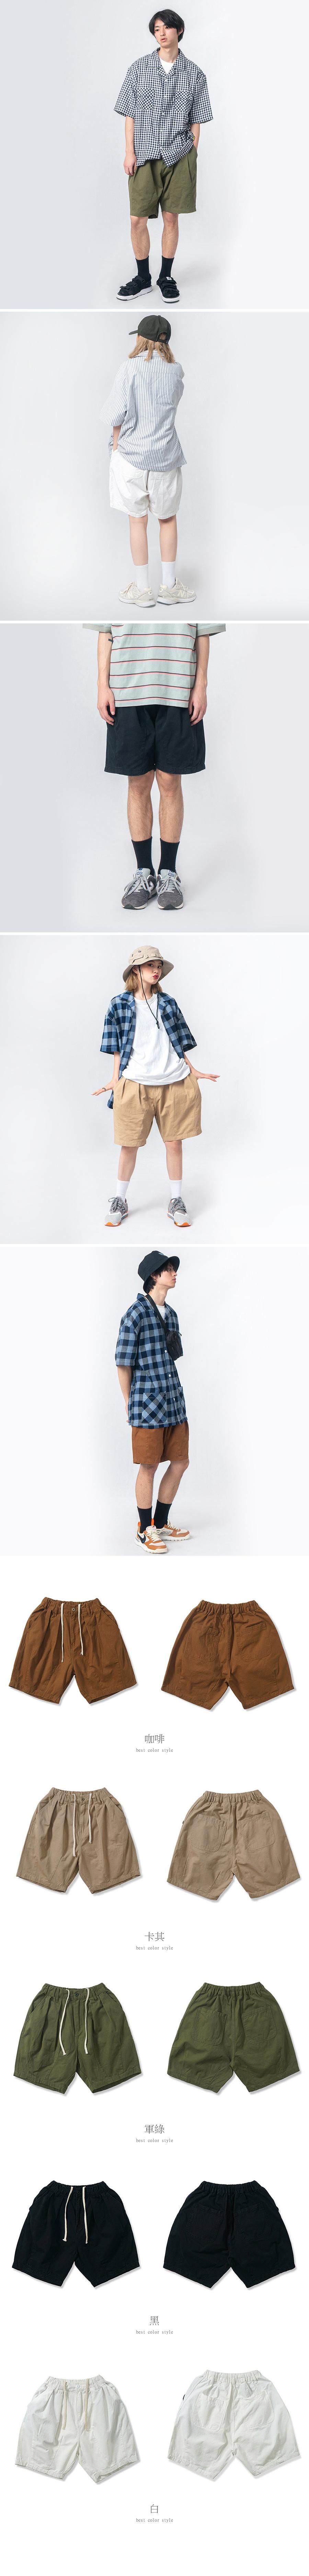 寬版舒適.素面休閒短褲